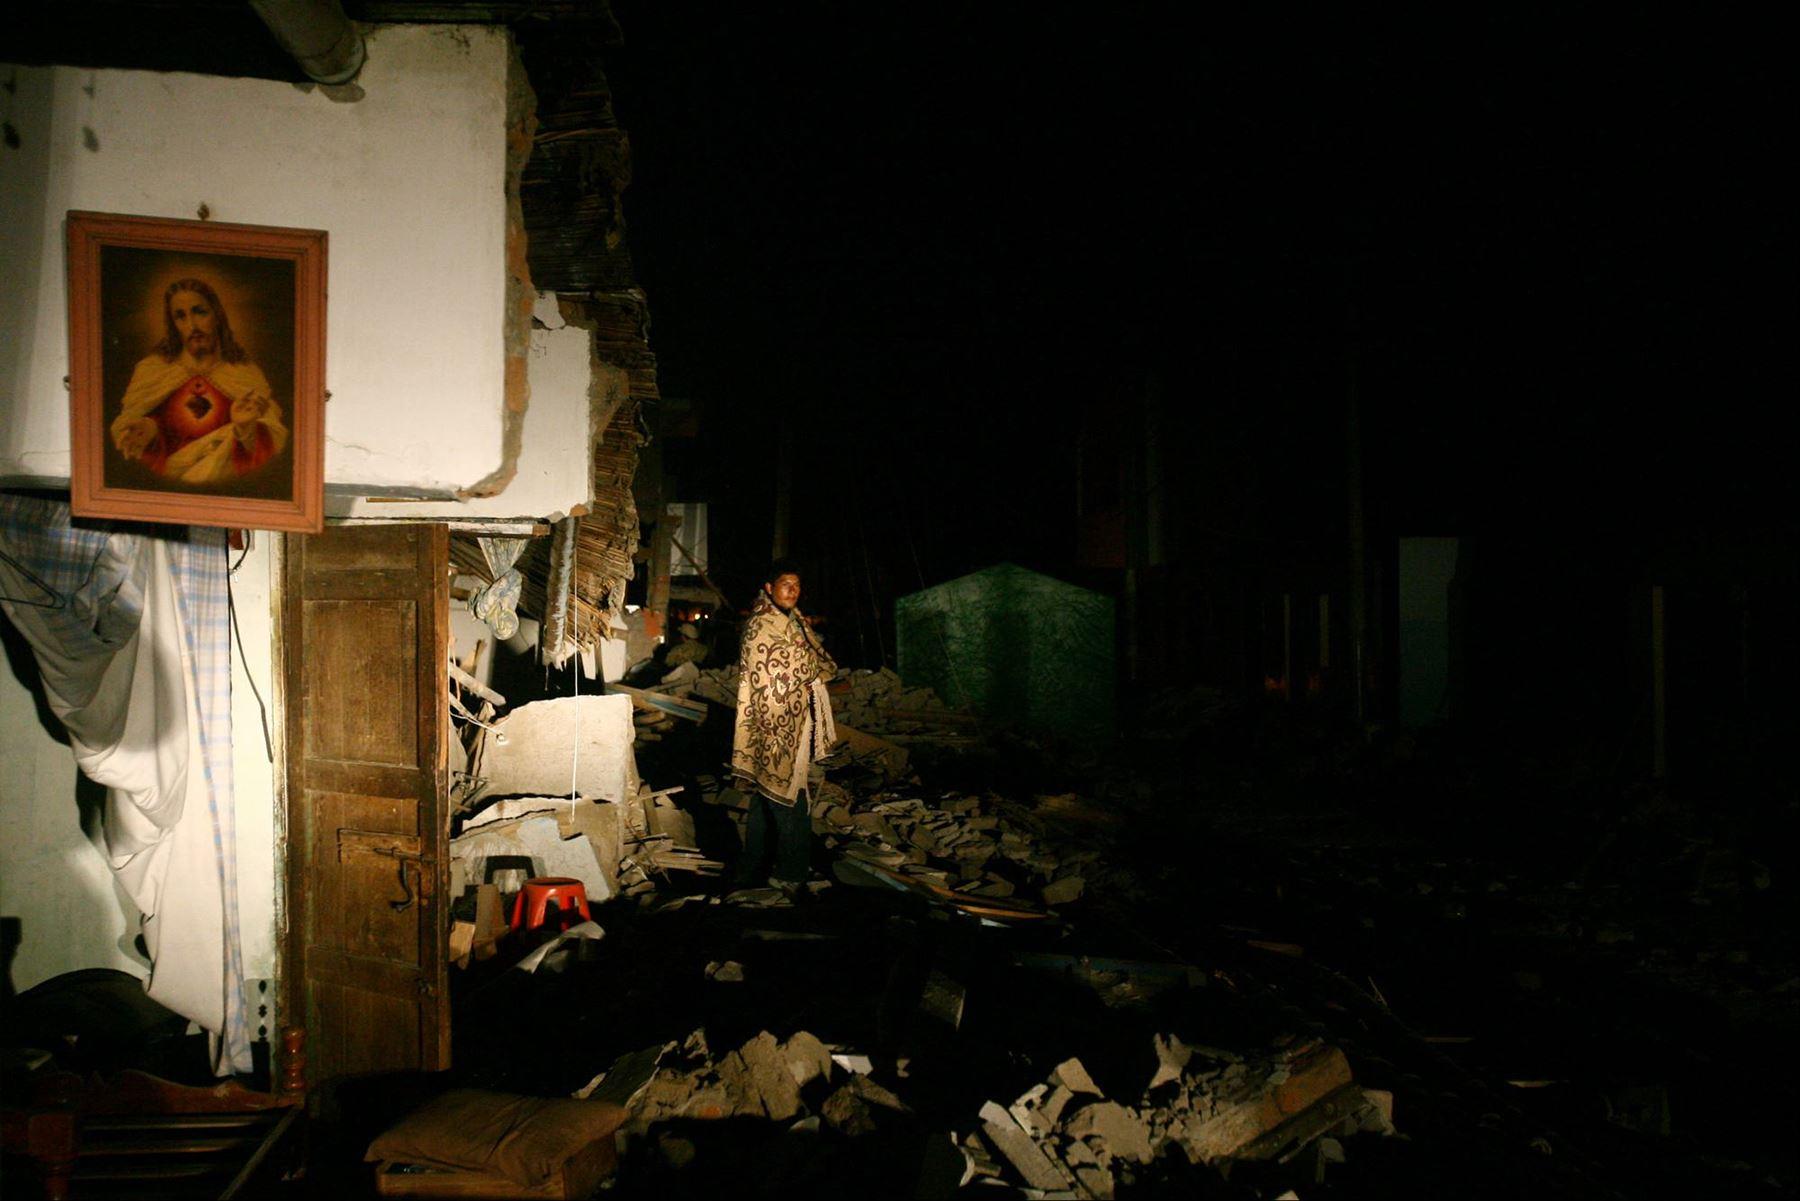 Fotografía tomada el 18 agosto 2007 / Un damnificado pasa la noche en medio de escombros en la ciudad de Pisco devastada por un terremoto la noche del 15 de agosto. Foto: Andina / Carlos Lezama